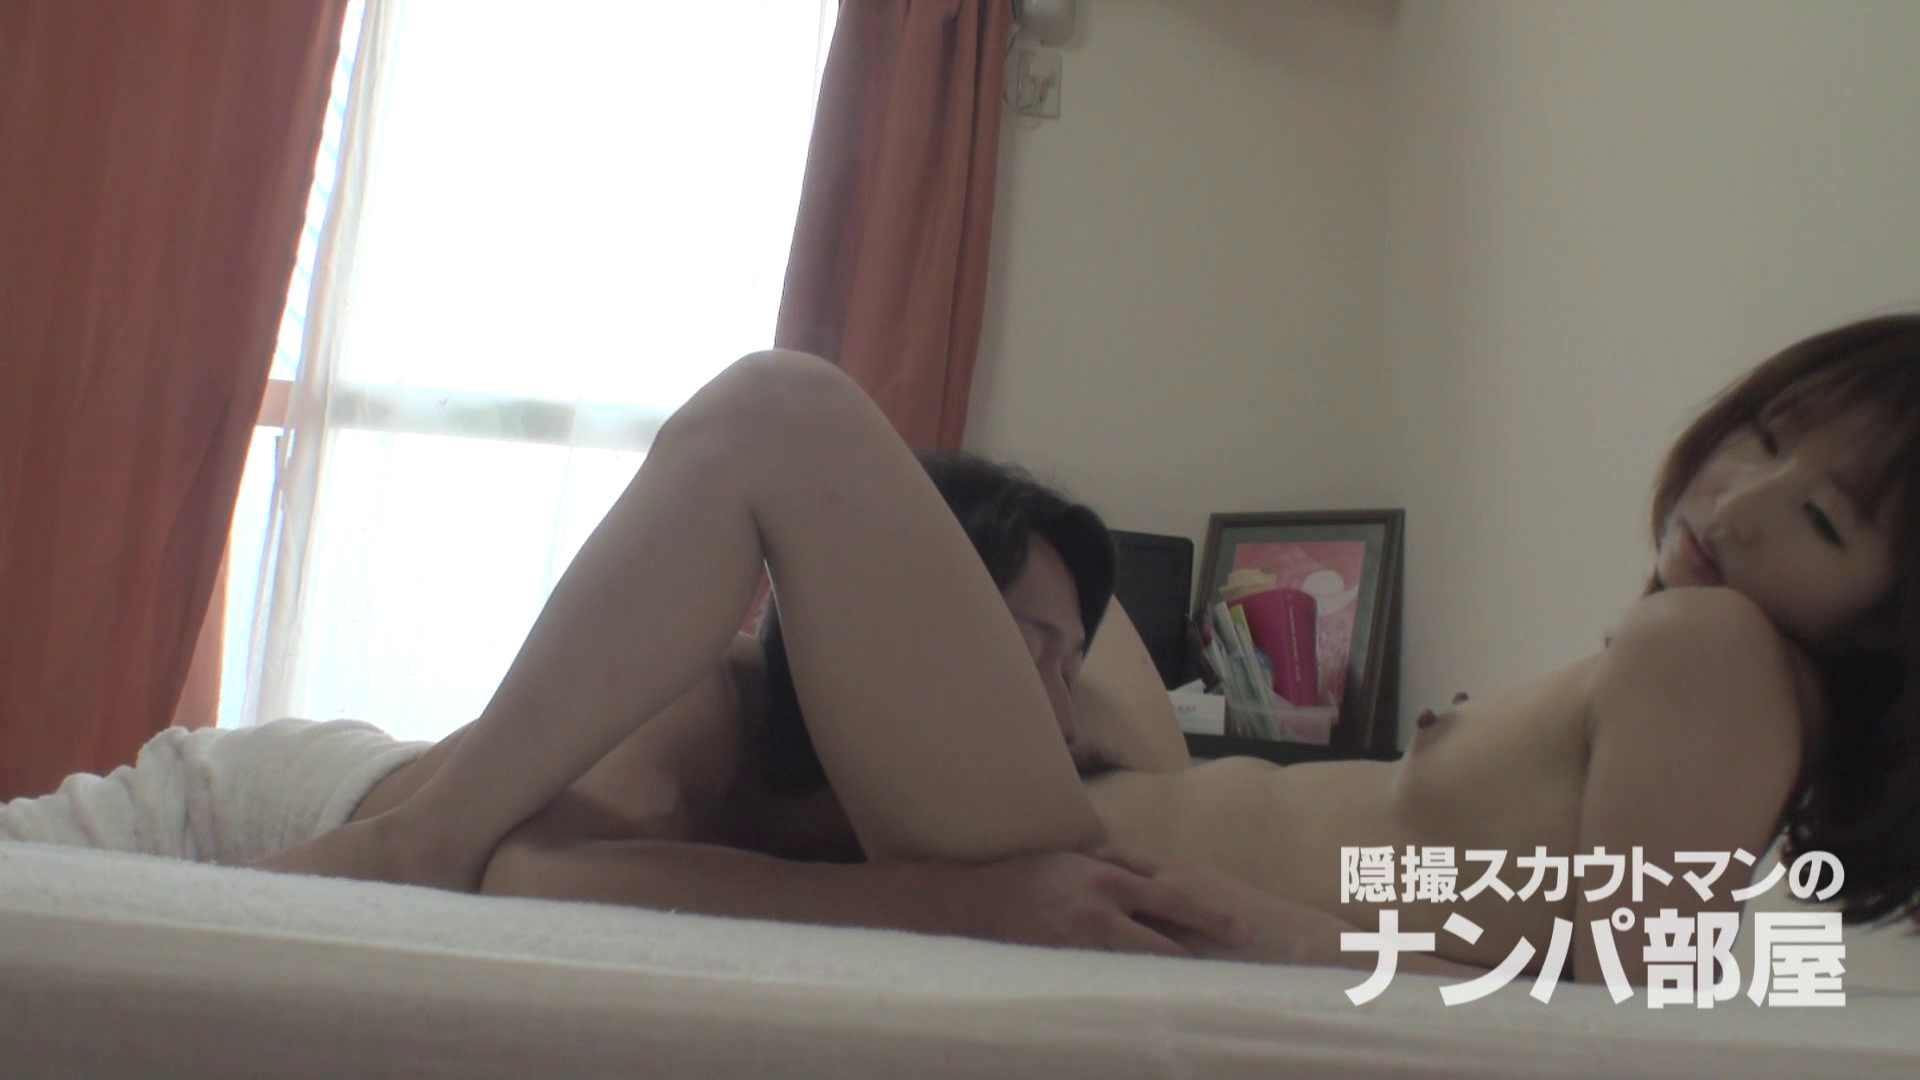 隠撮スカウトマンのナンパ部屋~風俗デビュー前のつまみ食い~ sii 0   0  104画像 91